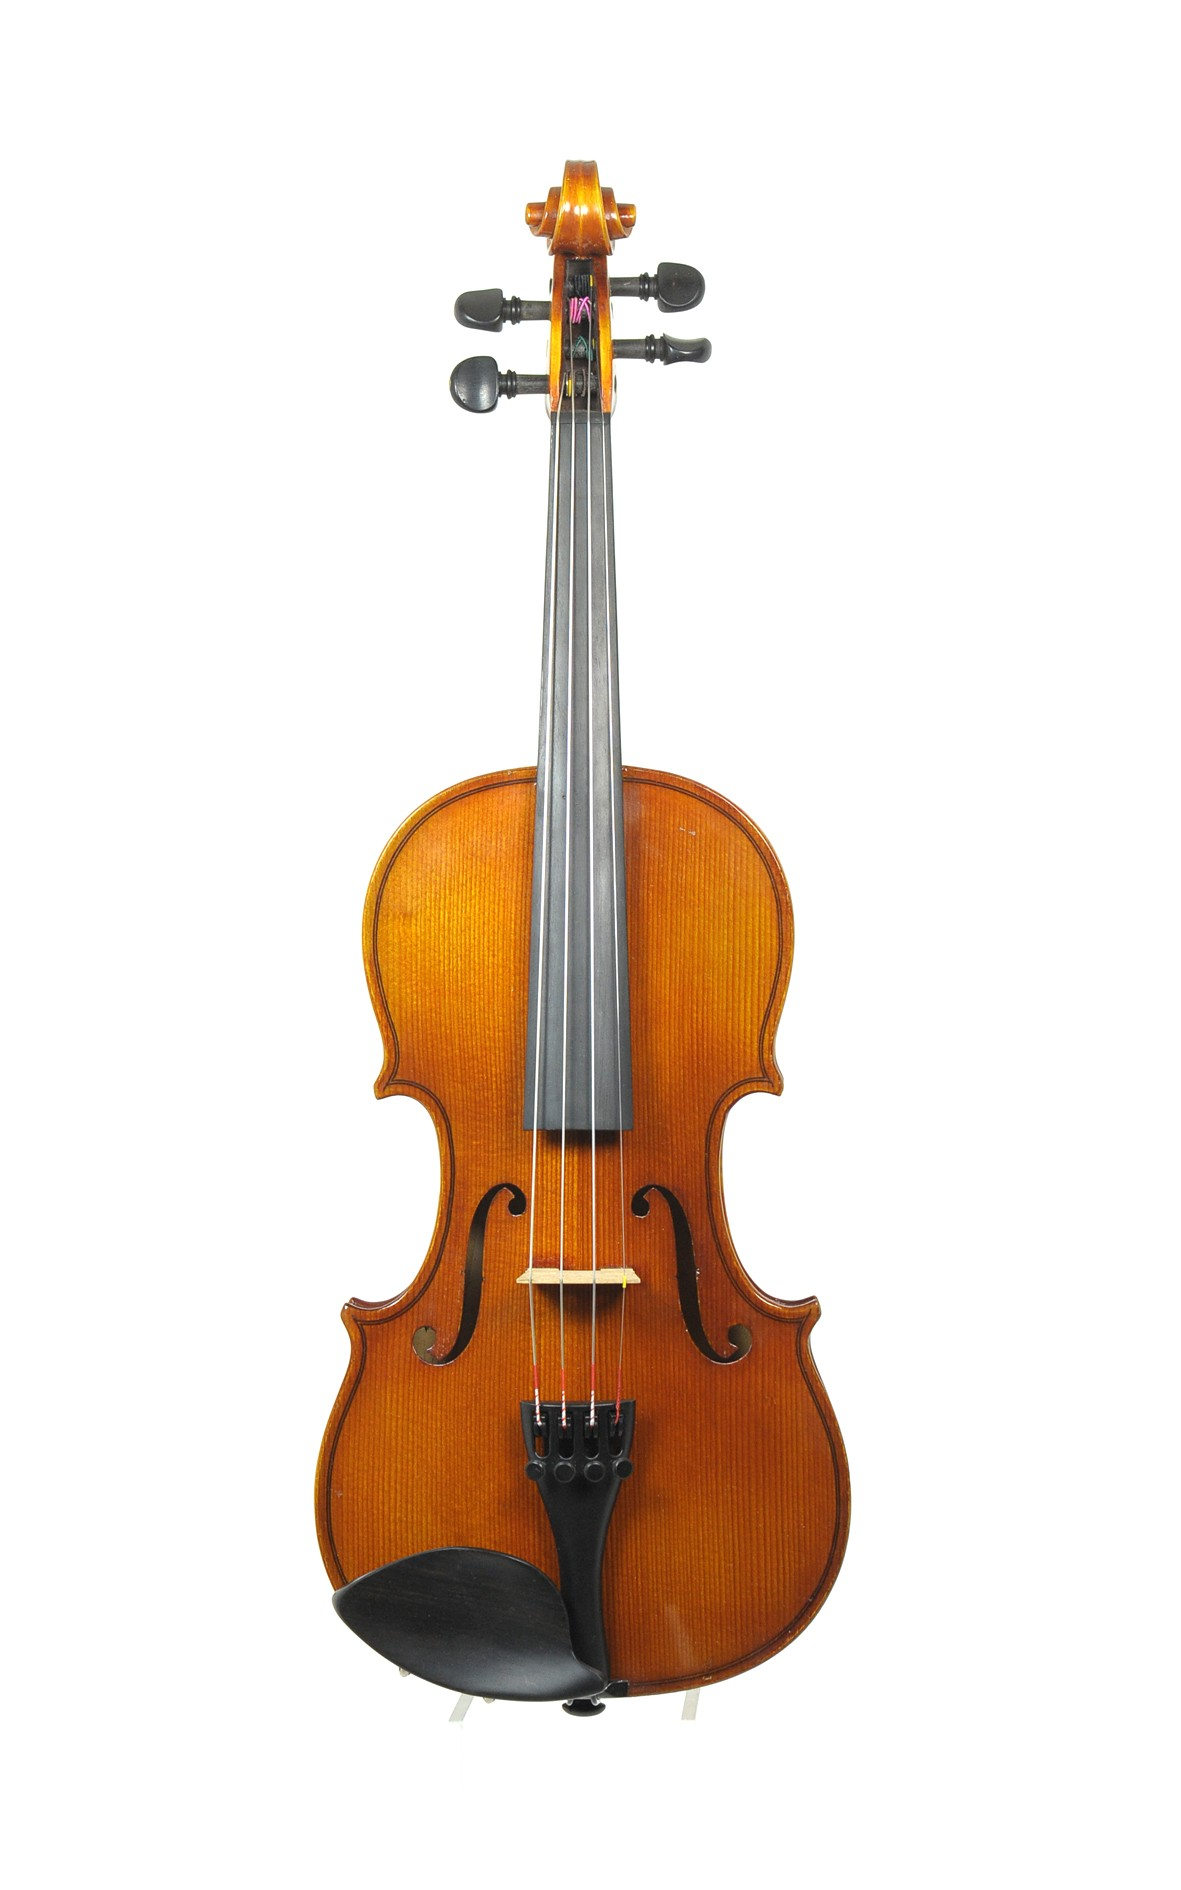 R. Paesold, German 1/2 violin